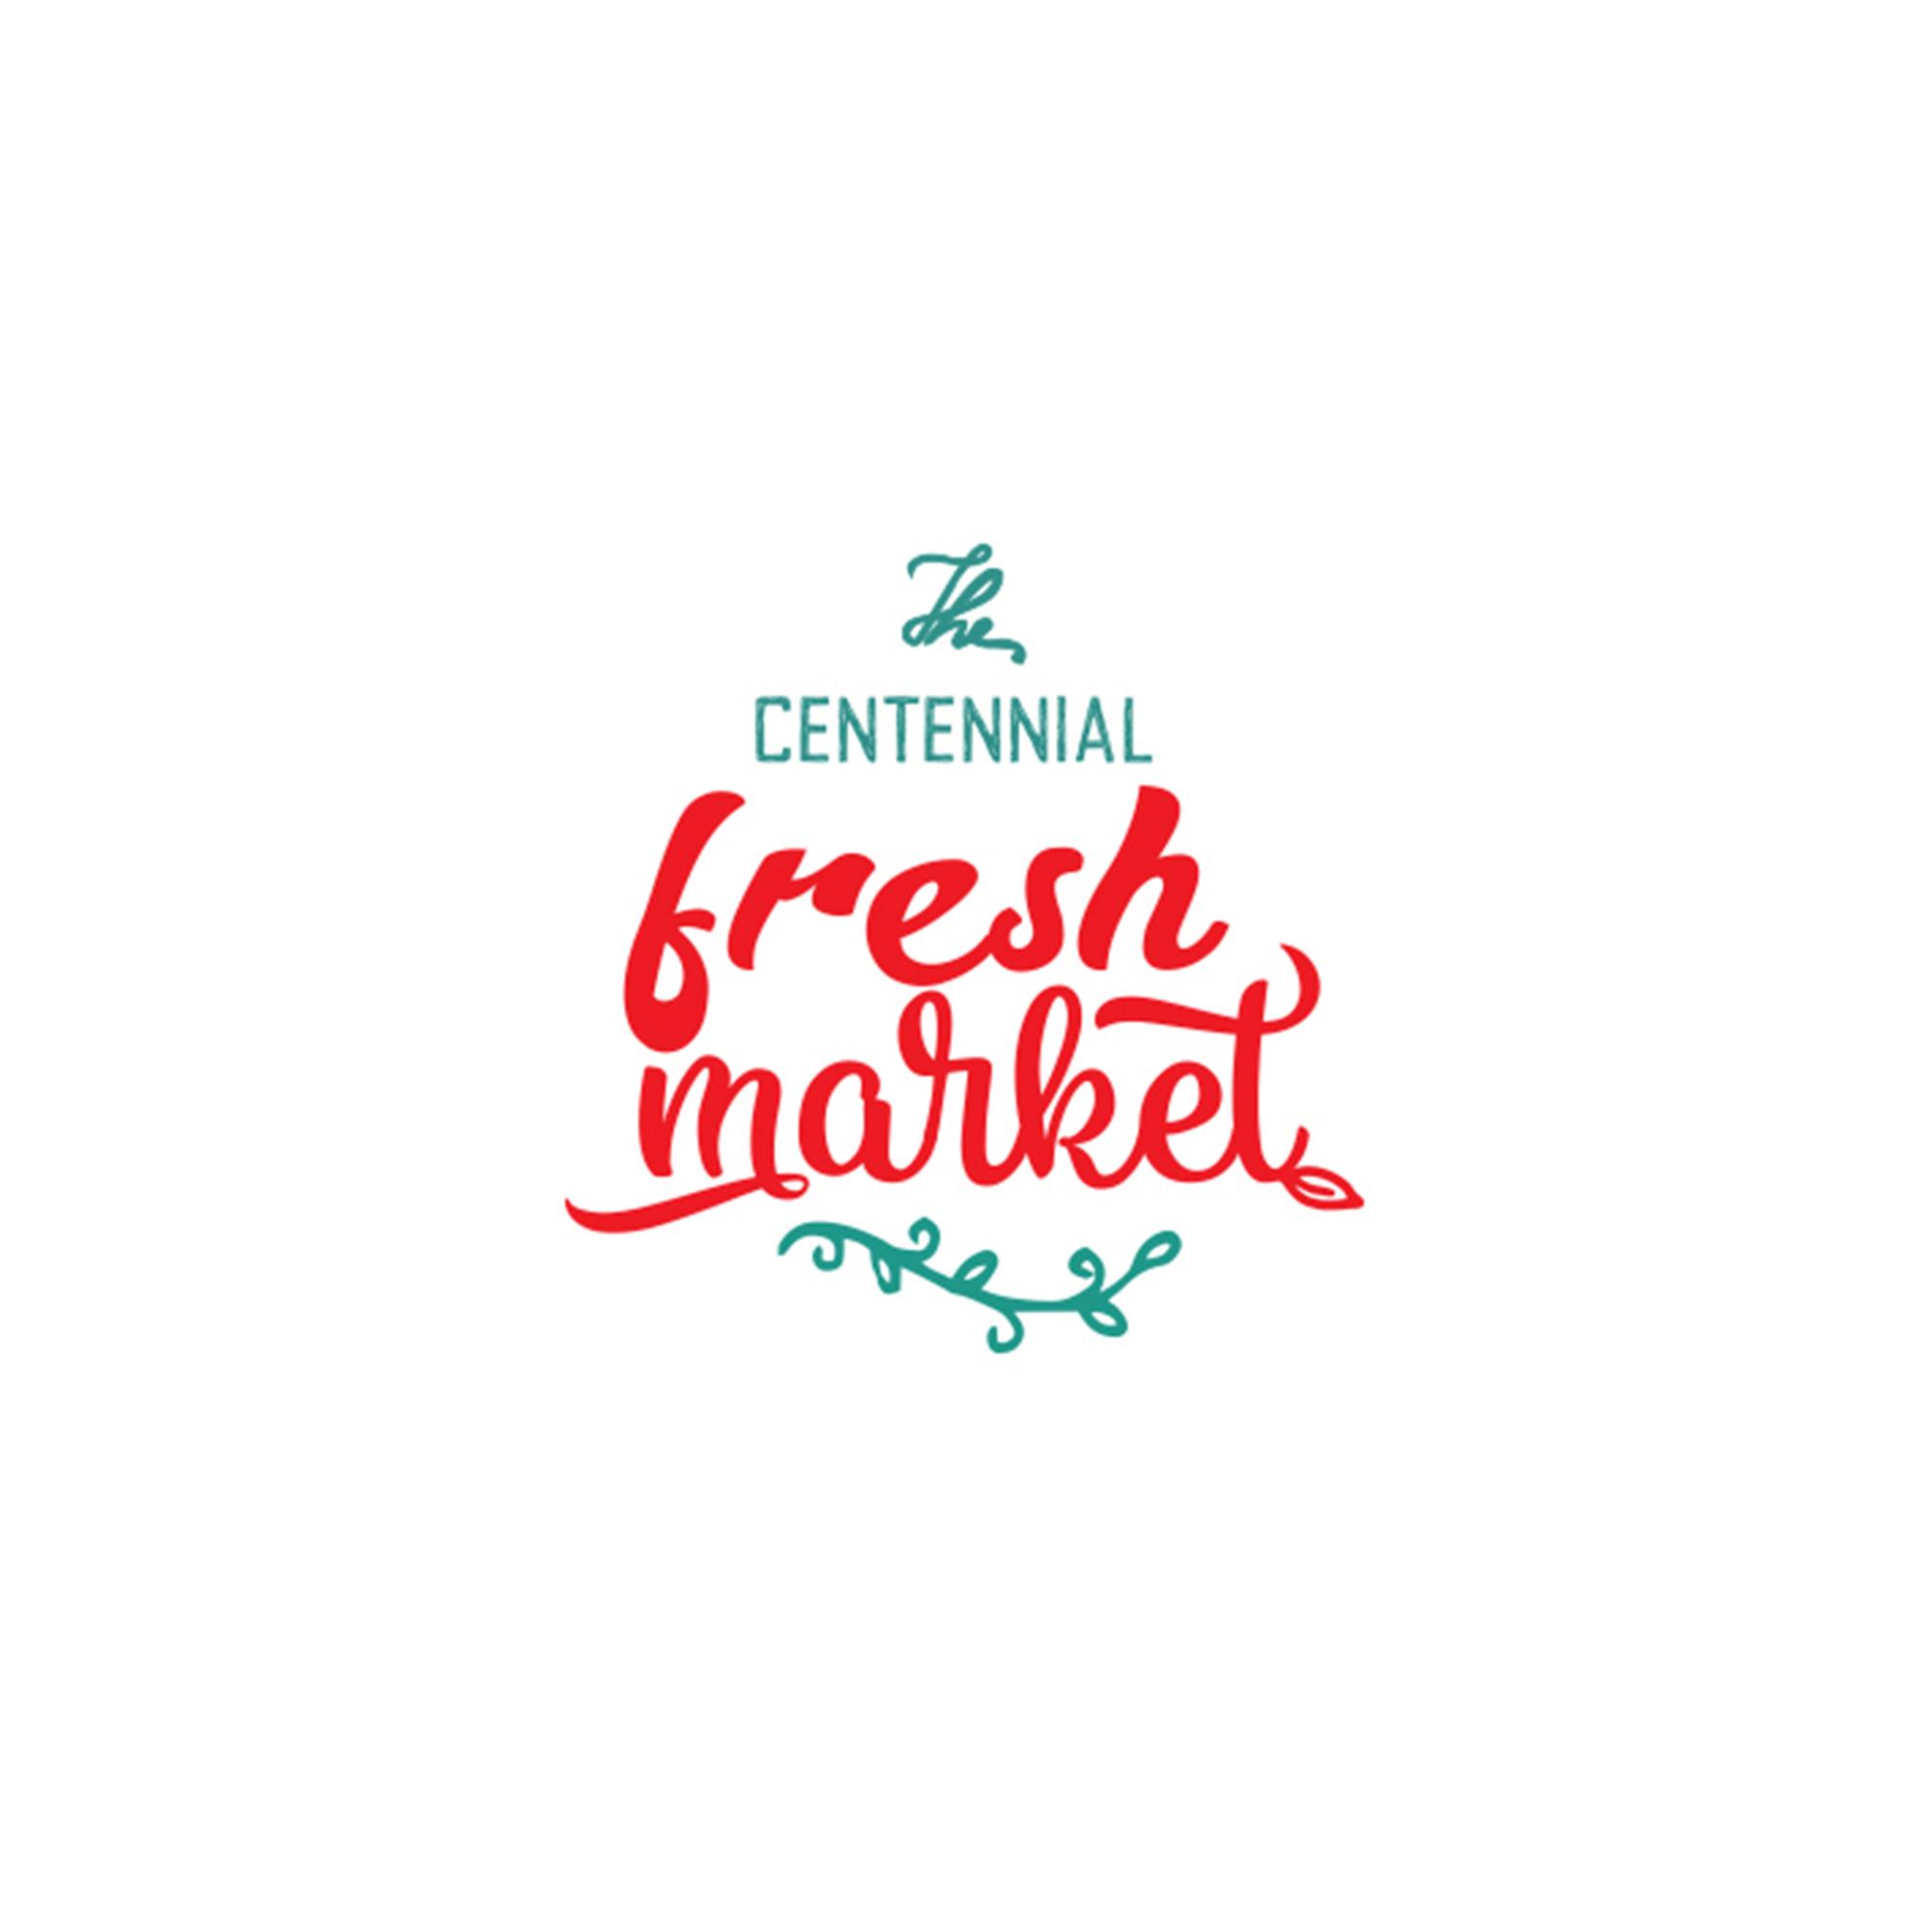 brandmarks_centennial.jpg